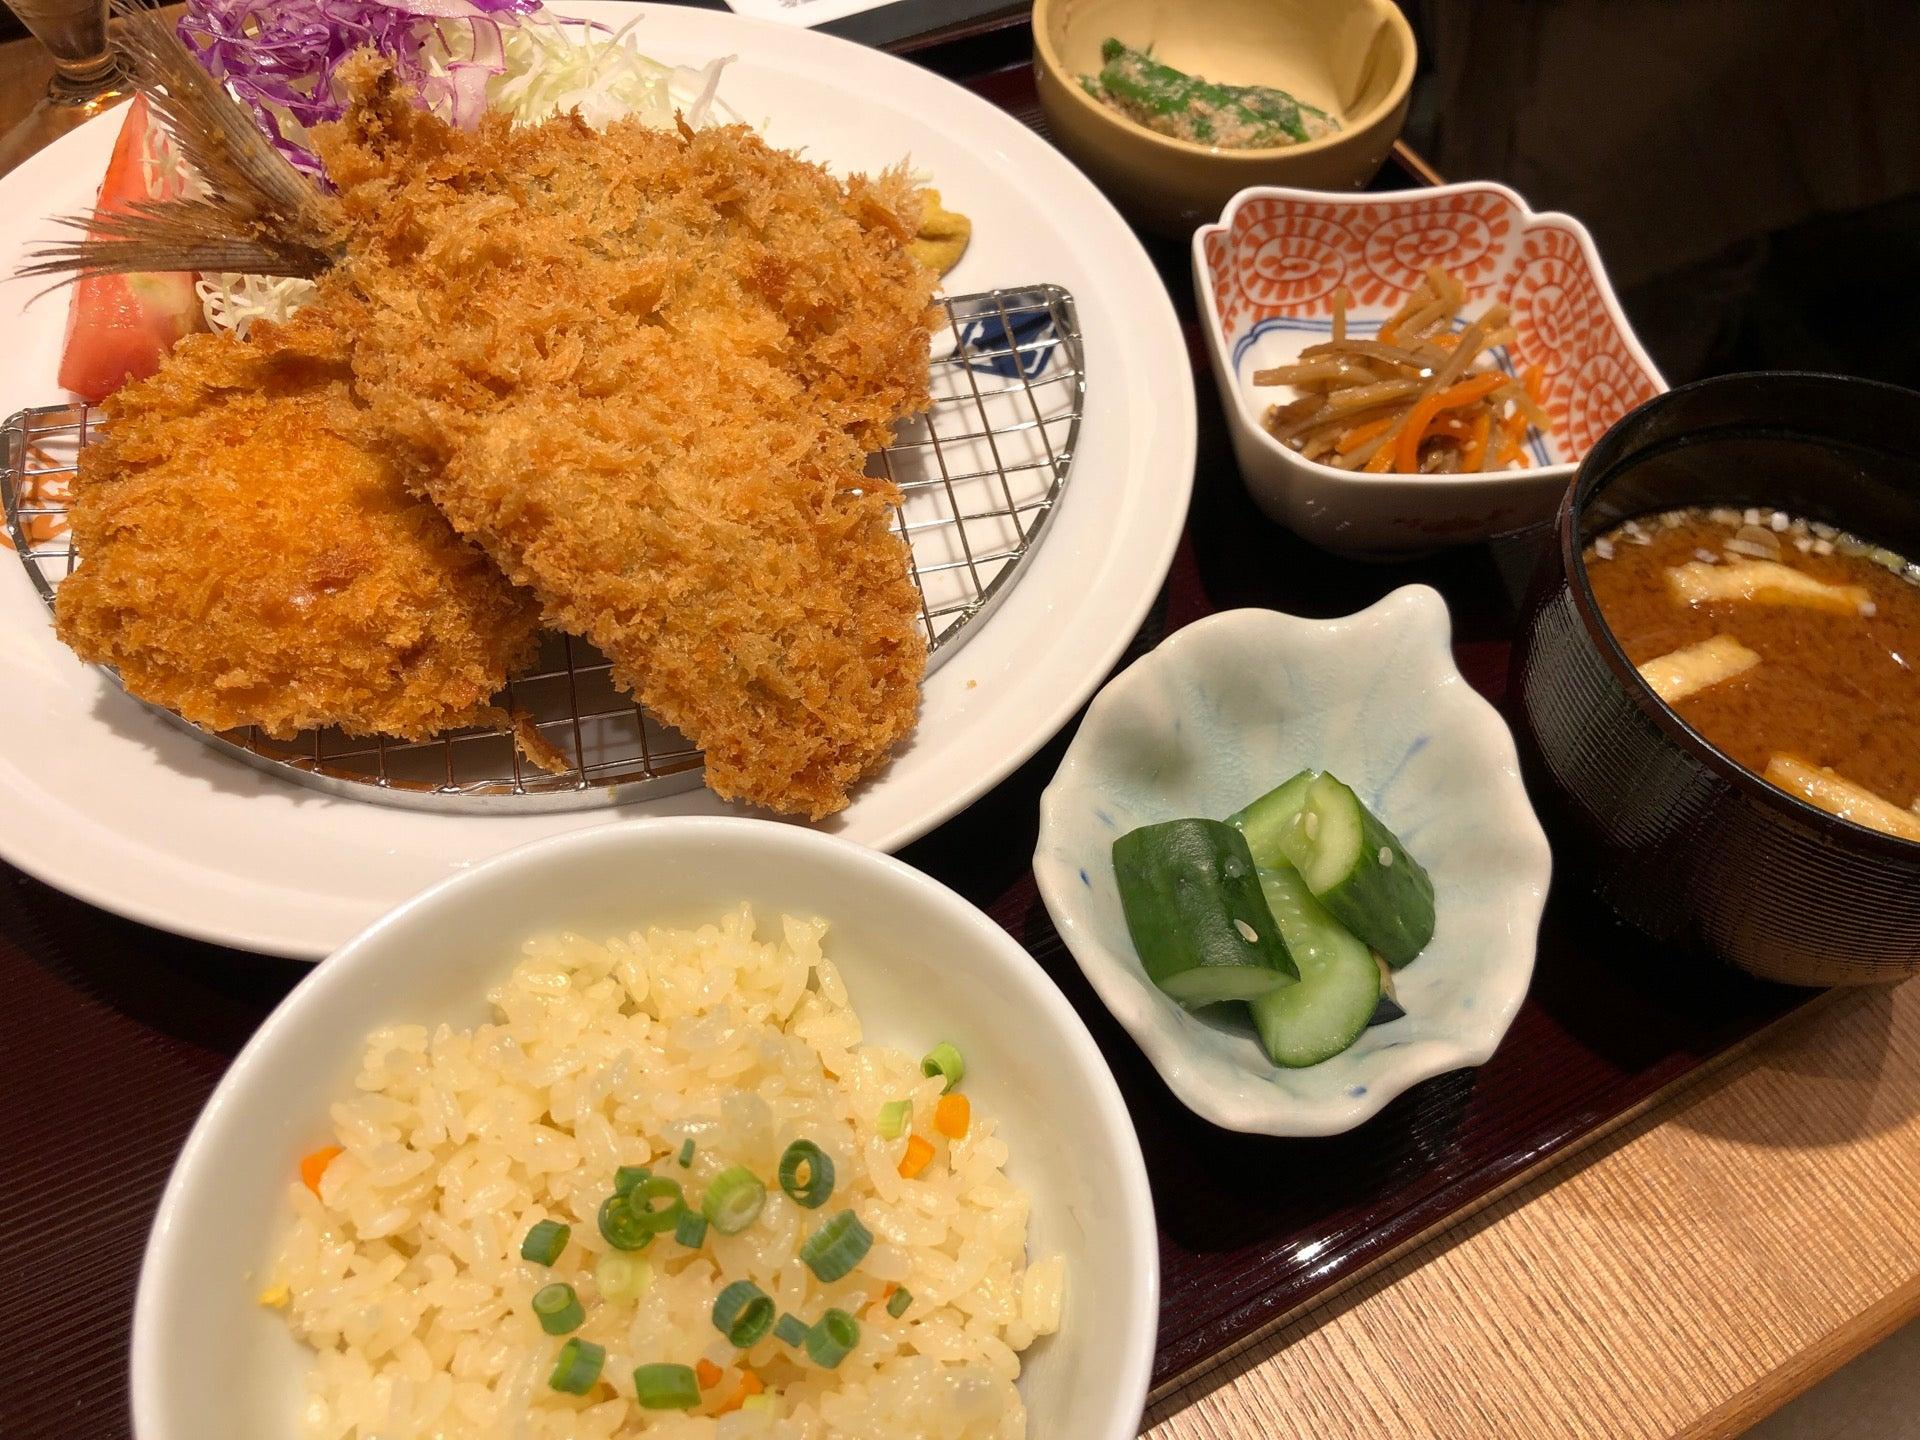 アジフライ、メンチカツ、蜜柑の炊き込みご飯。 (@ 大かまど飯 寅福 in 名古屋市, 愛知県) https://t.co/uXEnBqE339 https://t.co/Q9QCzDg606